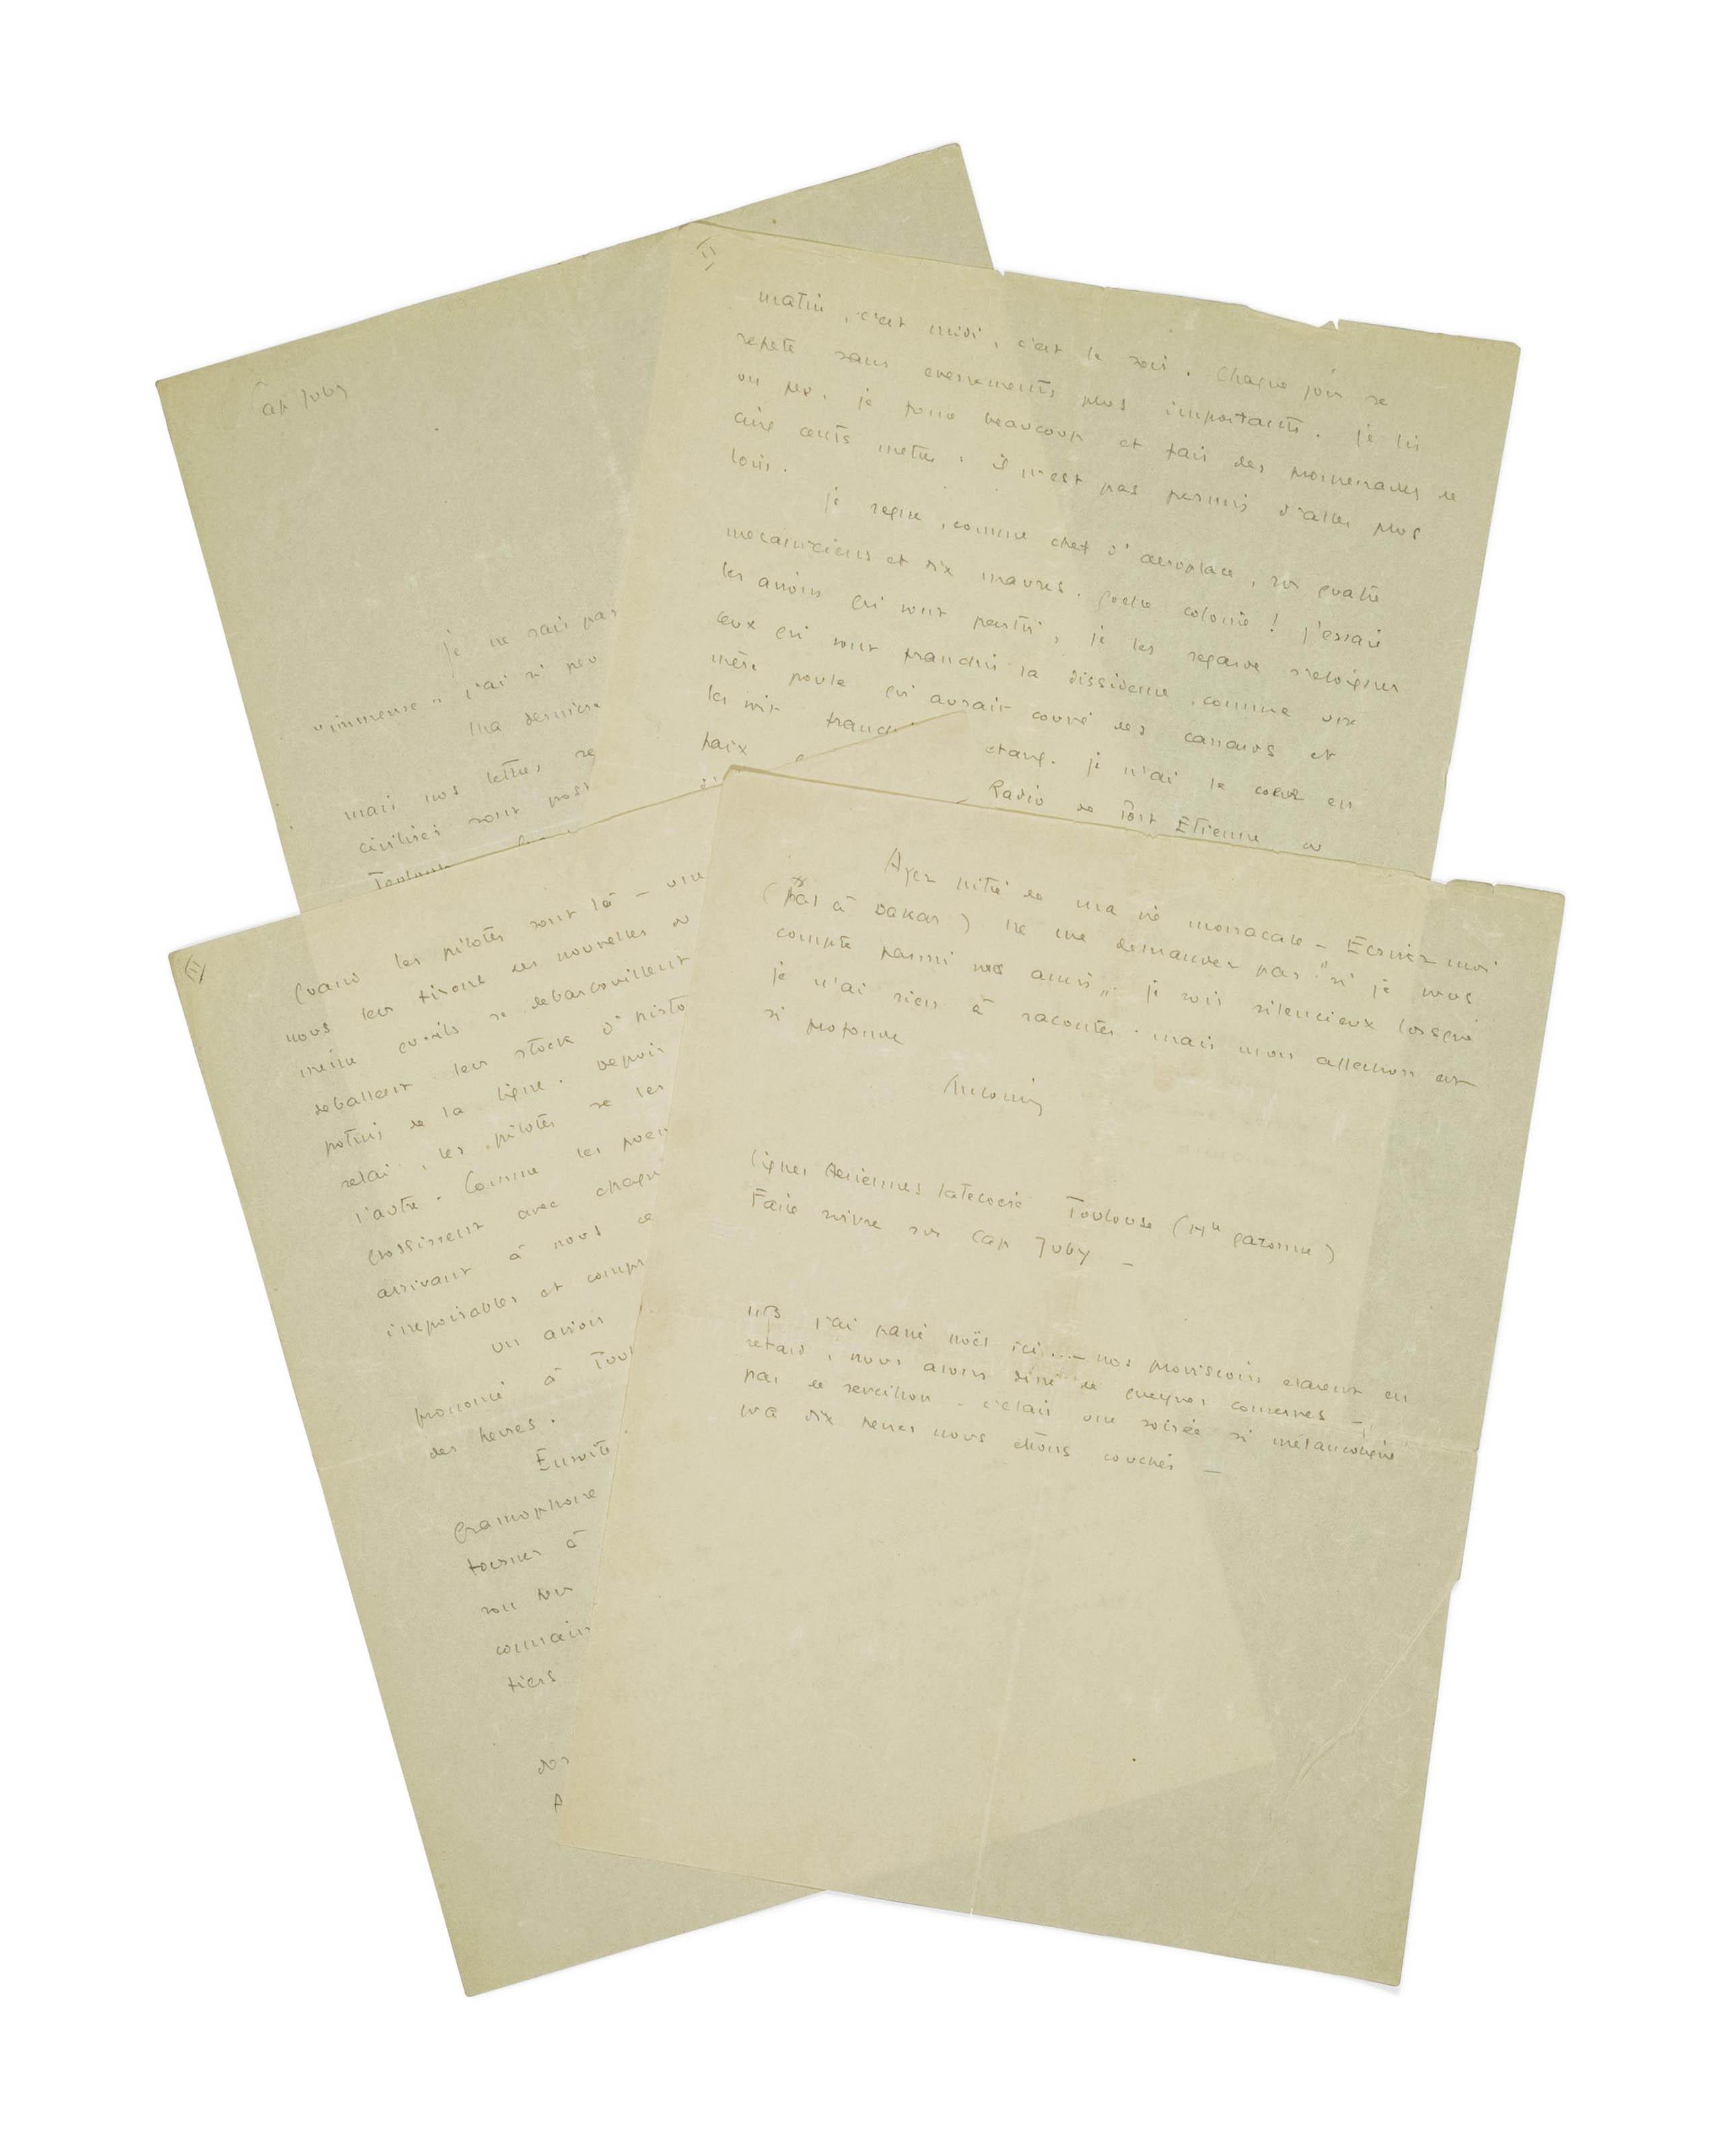 """SAINT-EXUPÉRY, Antoine de. Lettre autographe signée """"Antoine"""" adressée à Lucie-Marie Decour. Cap Juby, sans date [décembre (?) 1927]."""